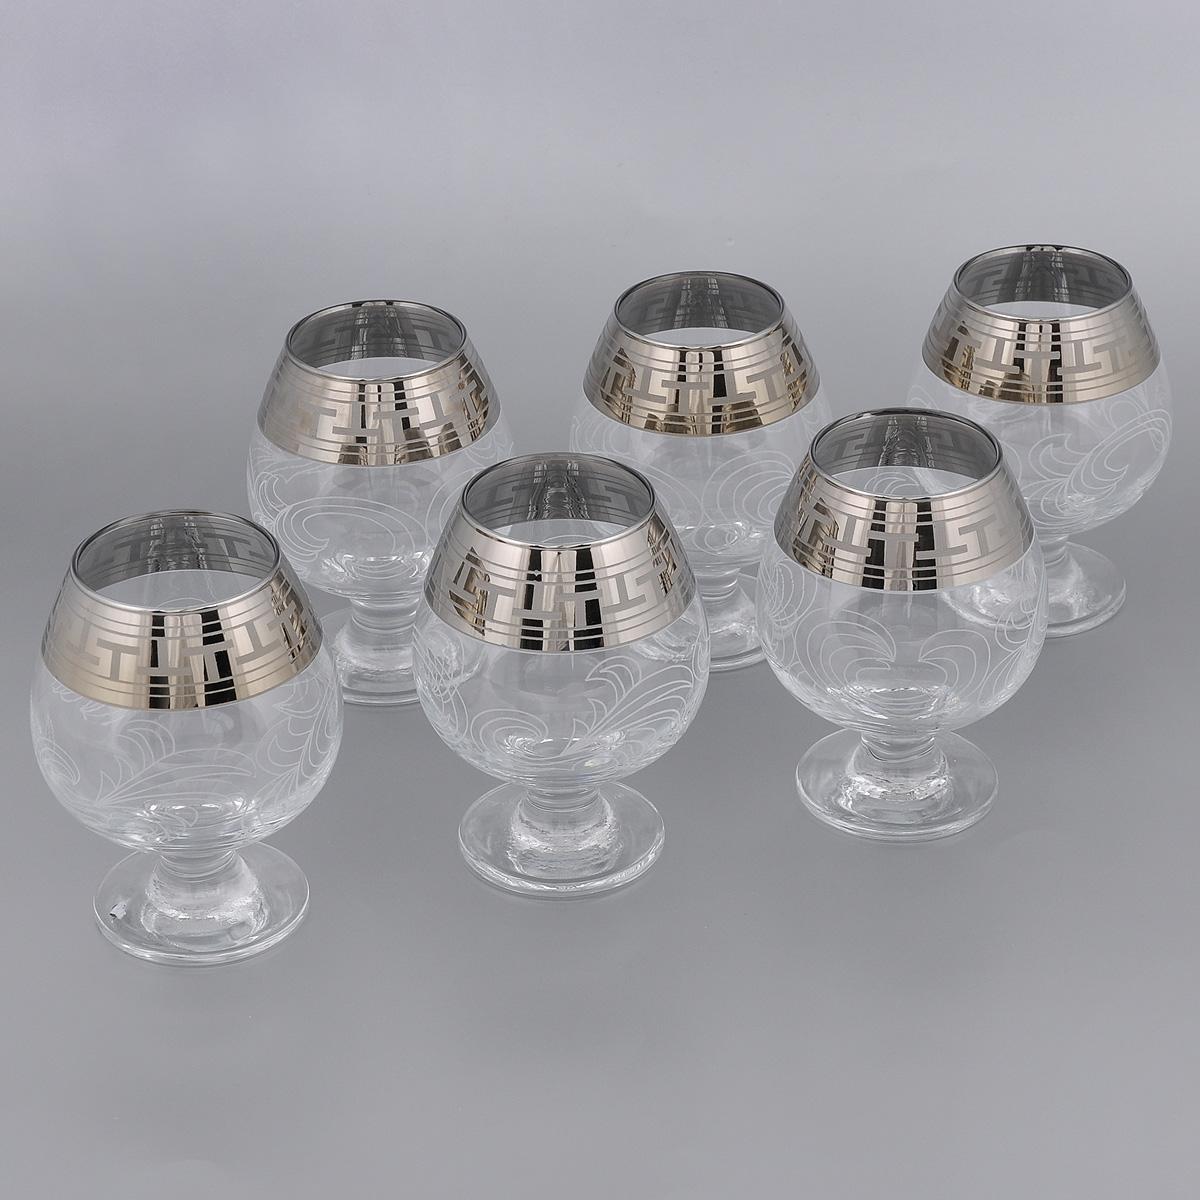 Набор бокалов для бренди Гусь-Хрустальный Греческий узор, 400 мл, 6 штGE01-188Набор Гусь-Хрустальный Греческий узор состоит из 6 бокалов на тонких коротких ножках, изготовленных из высококачественного натрий-кальций-силикатного стекла. Изделия оформлены красивым зеркальным покрытием и белым матовым орнаментом. Бокалы предназначены для бренди. Такой набор прекрасно дополнит праздничный стол и станет желанным подарком в любом доме. Разрешается мыть в посудомоечной машине. Диаметр бокала (по верхнему краю): 6 см. Высота бокала: 12,5 см.